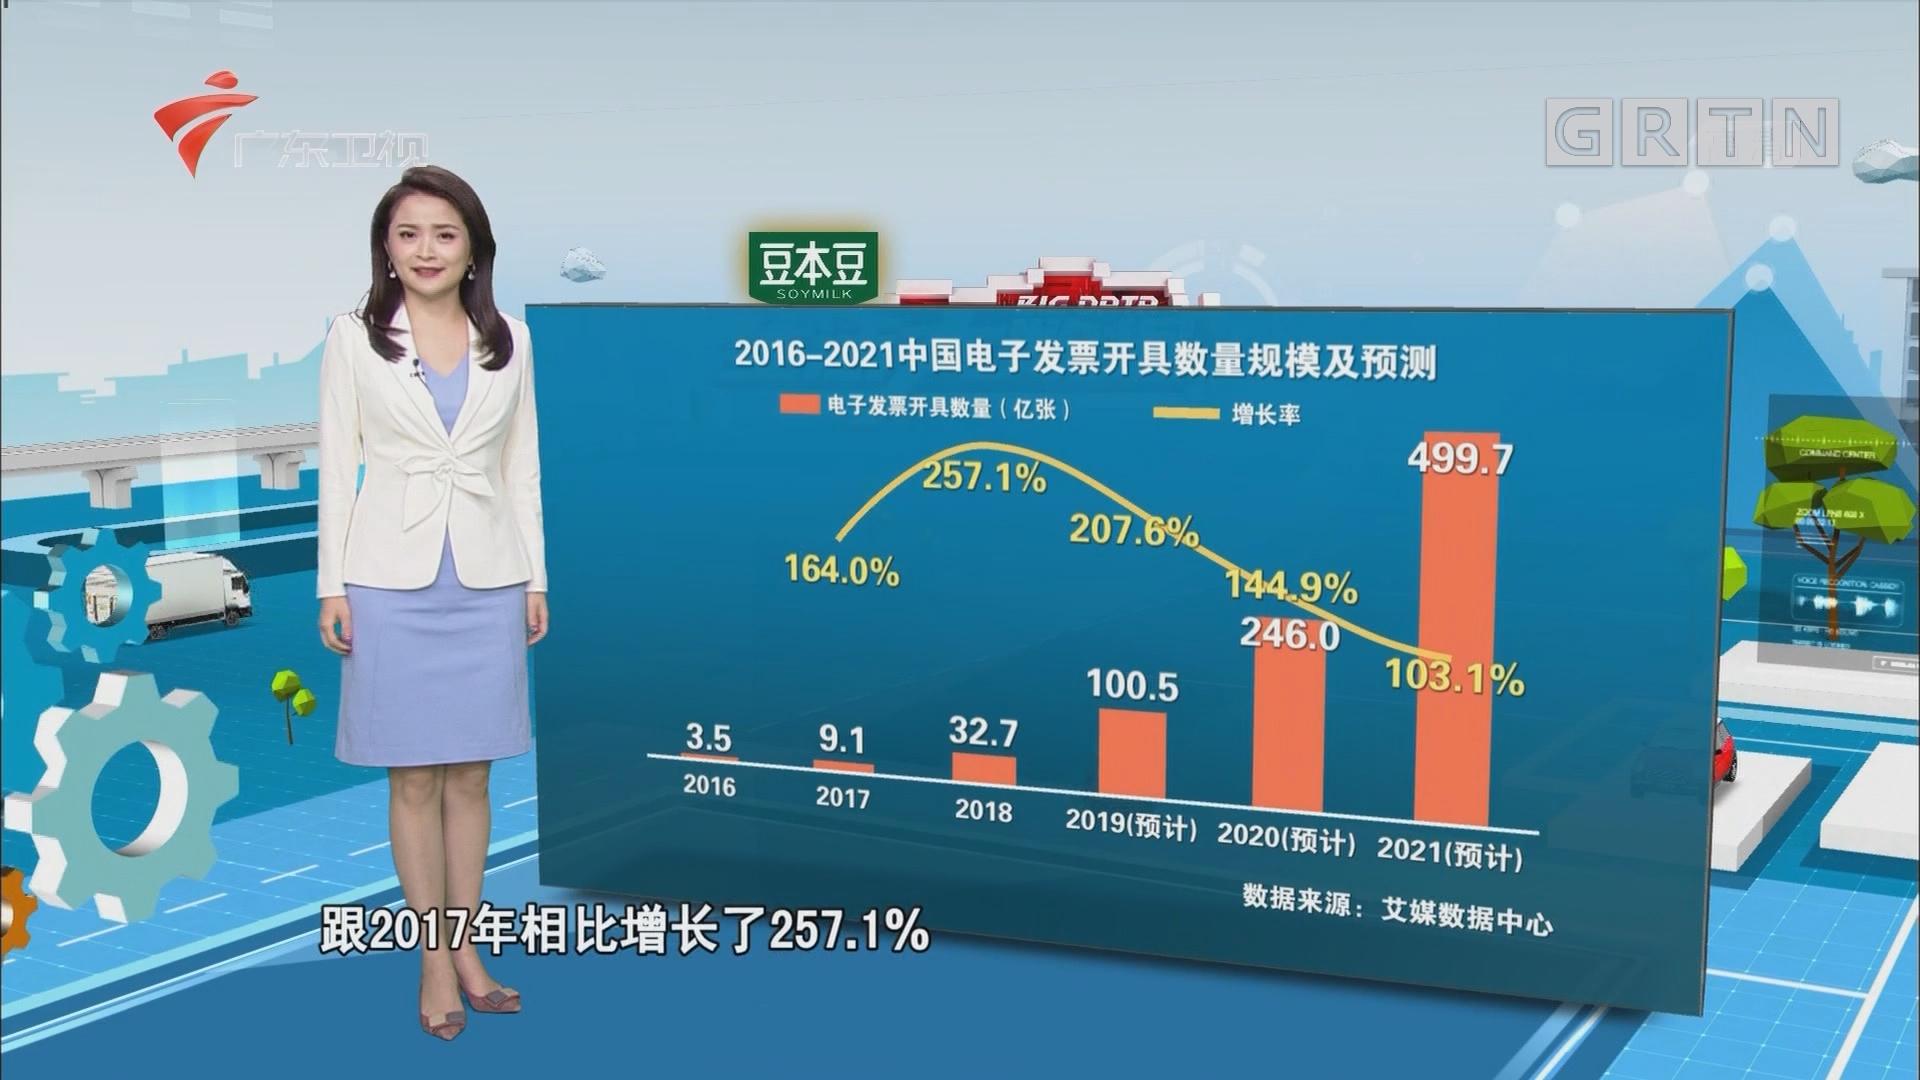 2016-2021中国电子发票开具数量规模及预测